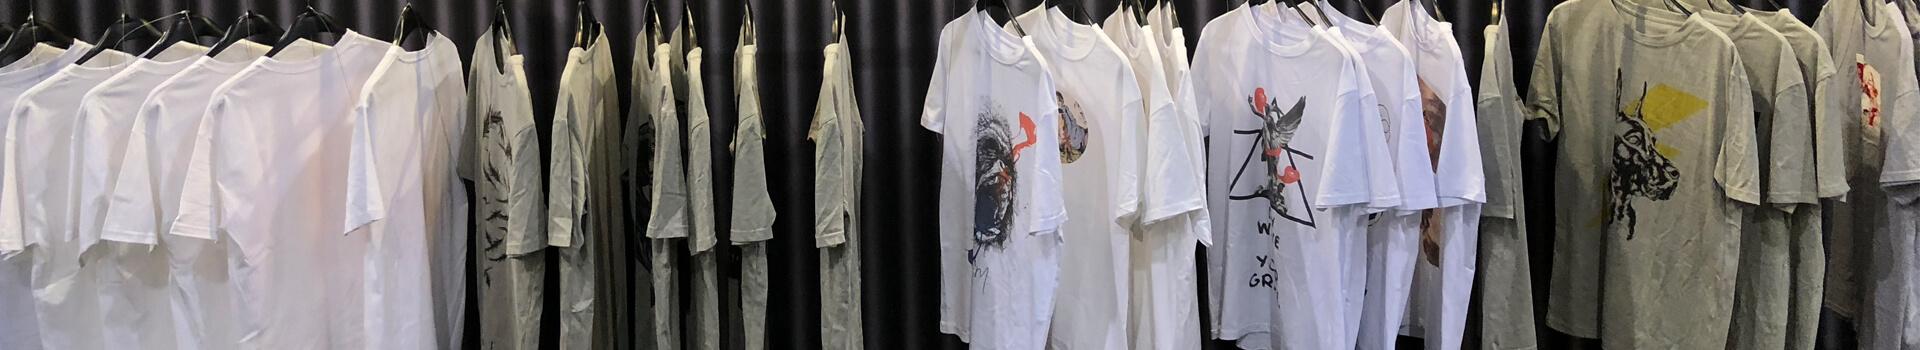 Fashion Show - Arlisman